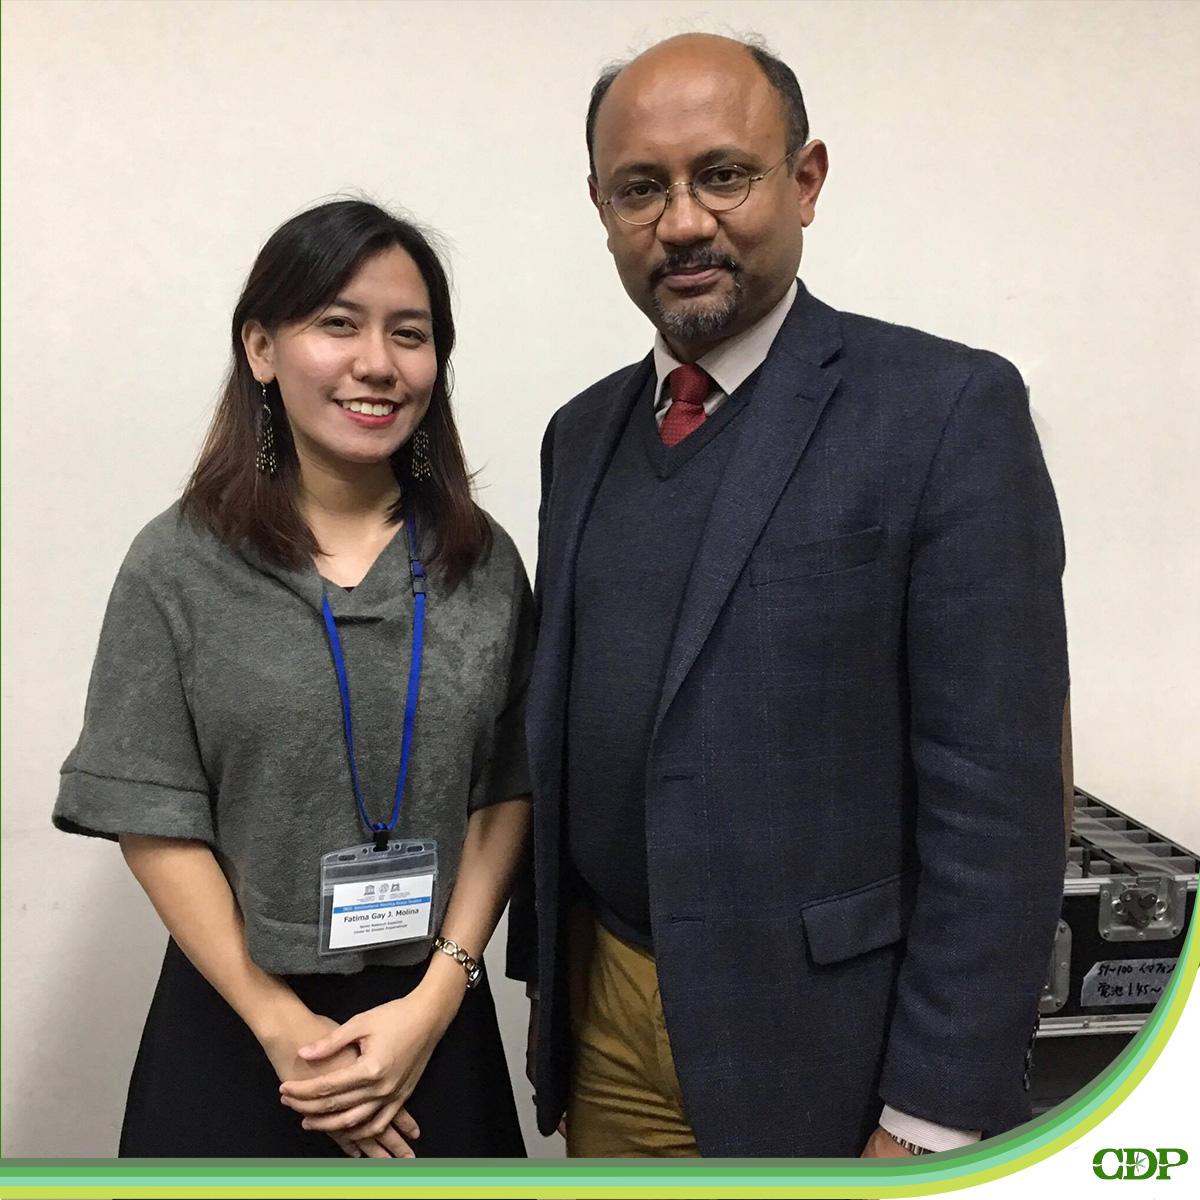 CDP Senior Program Associate Fatima Gay Molina with Dr